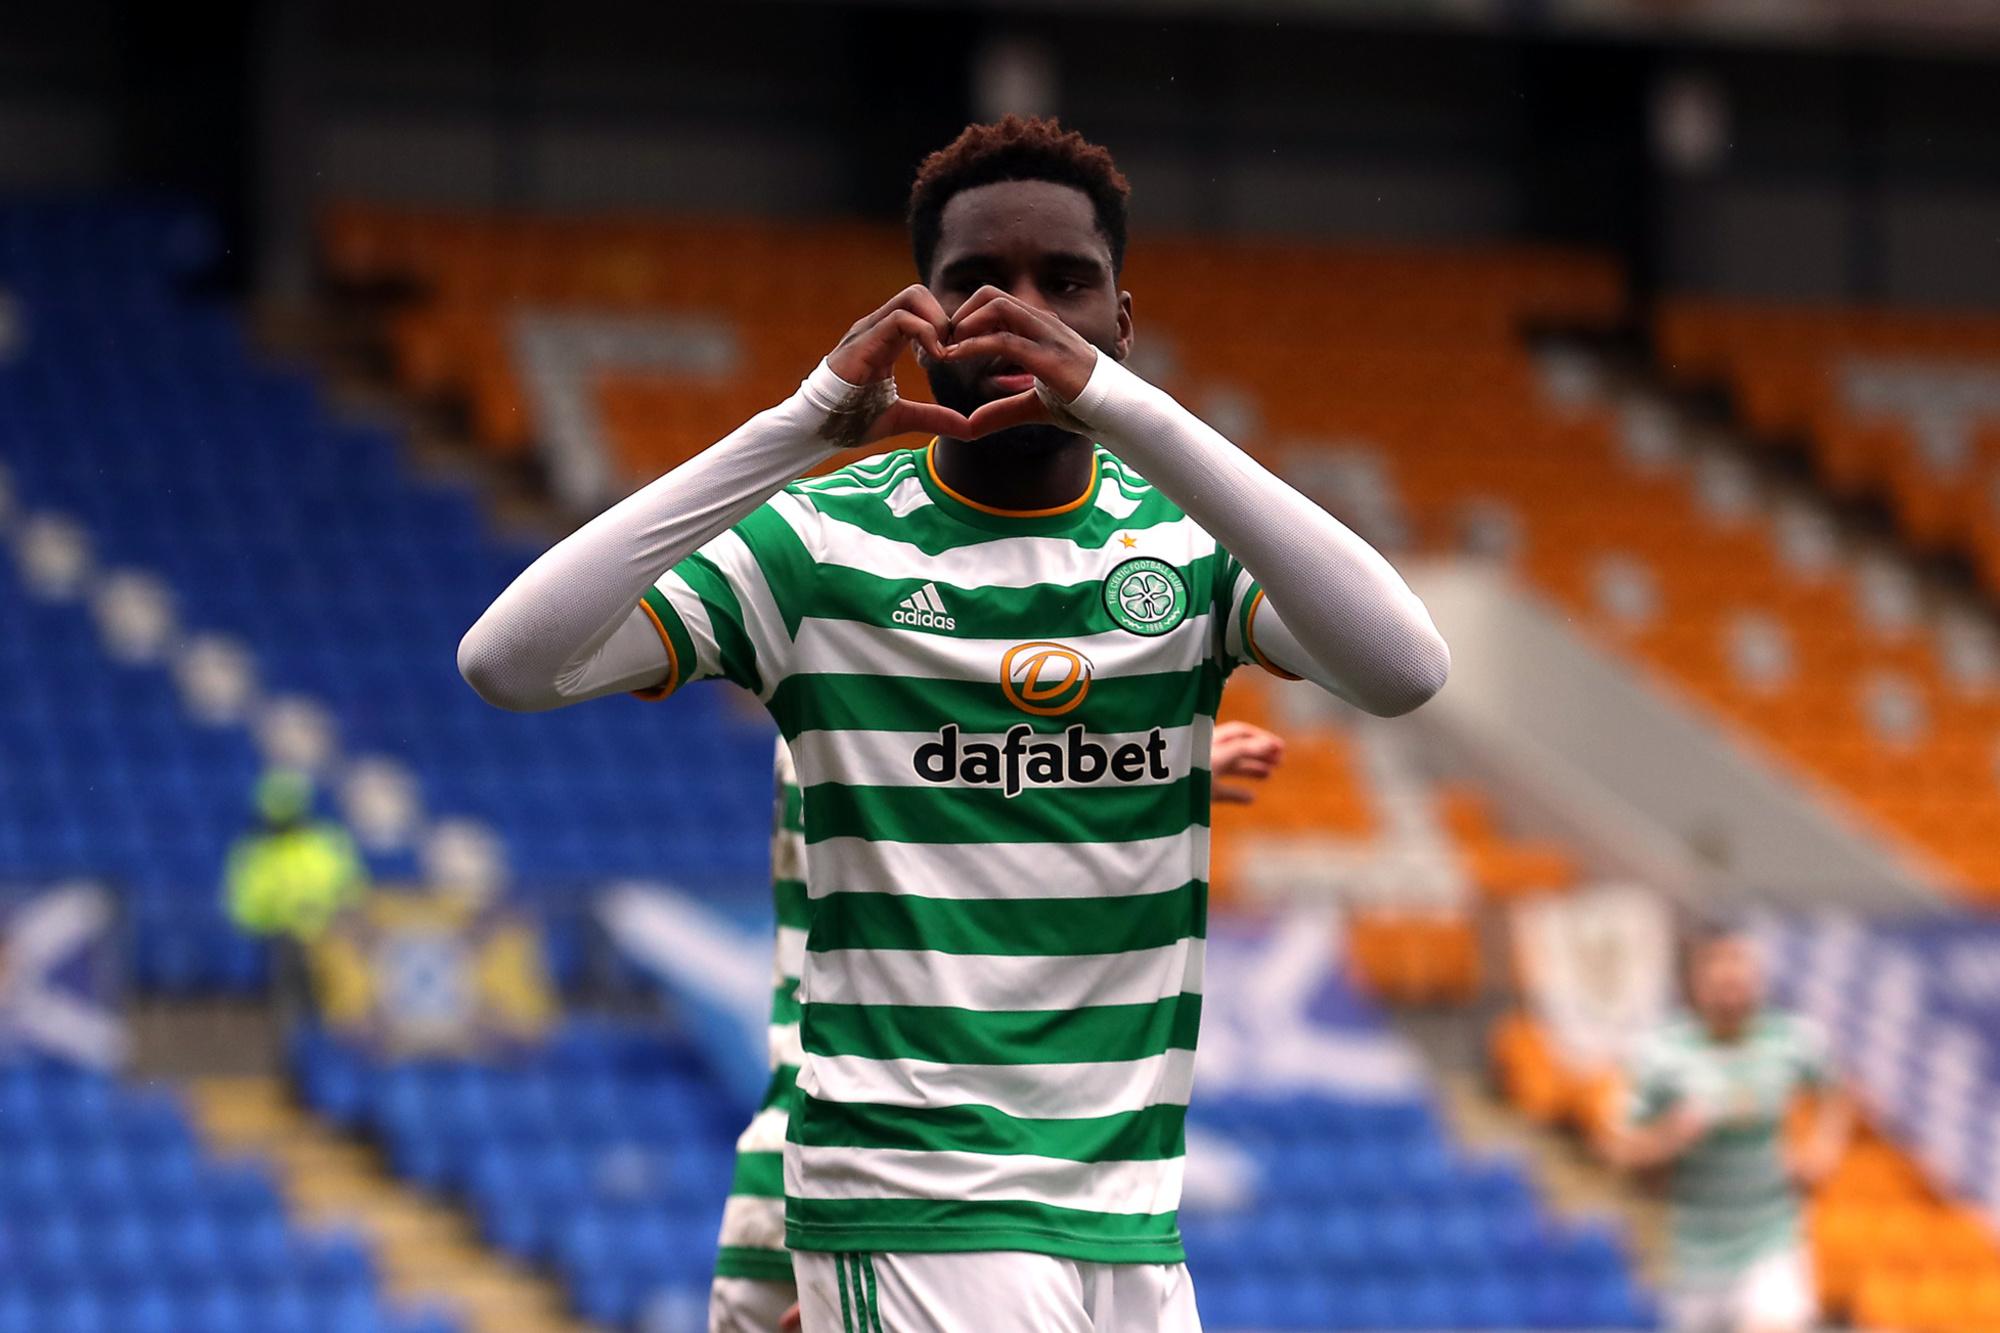 L'attaquant du Celtic sera un concurrent de plus pour Christian Benteke., belga